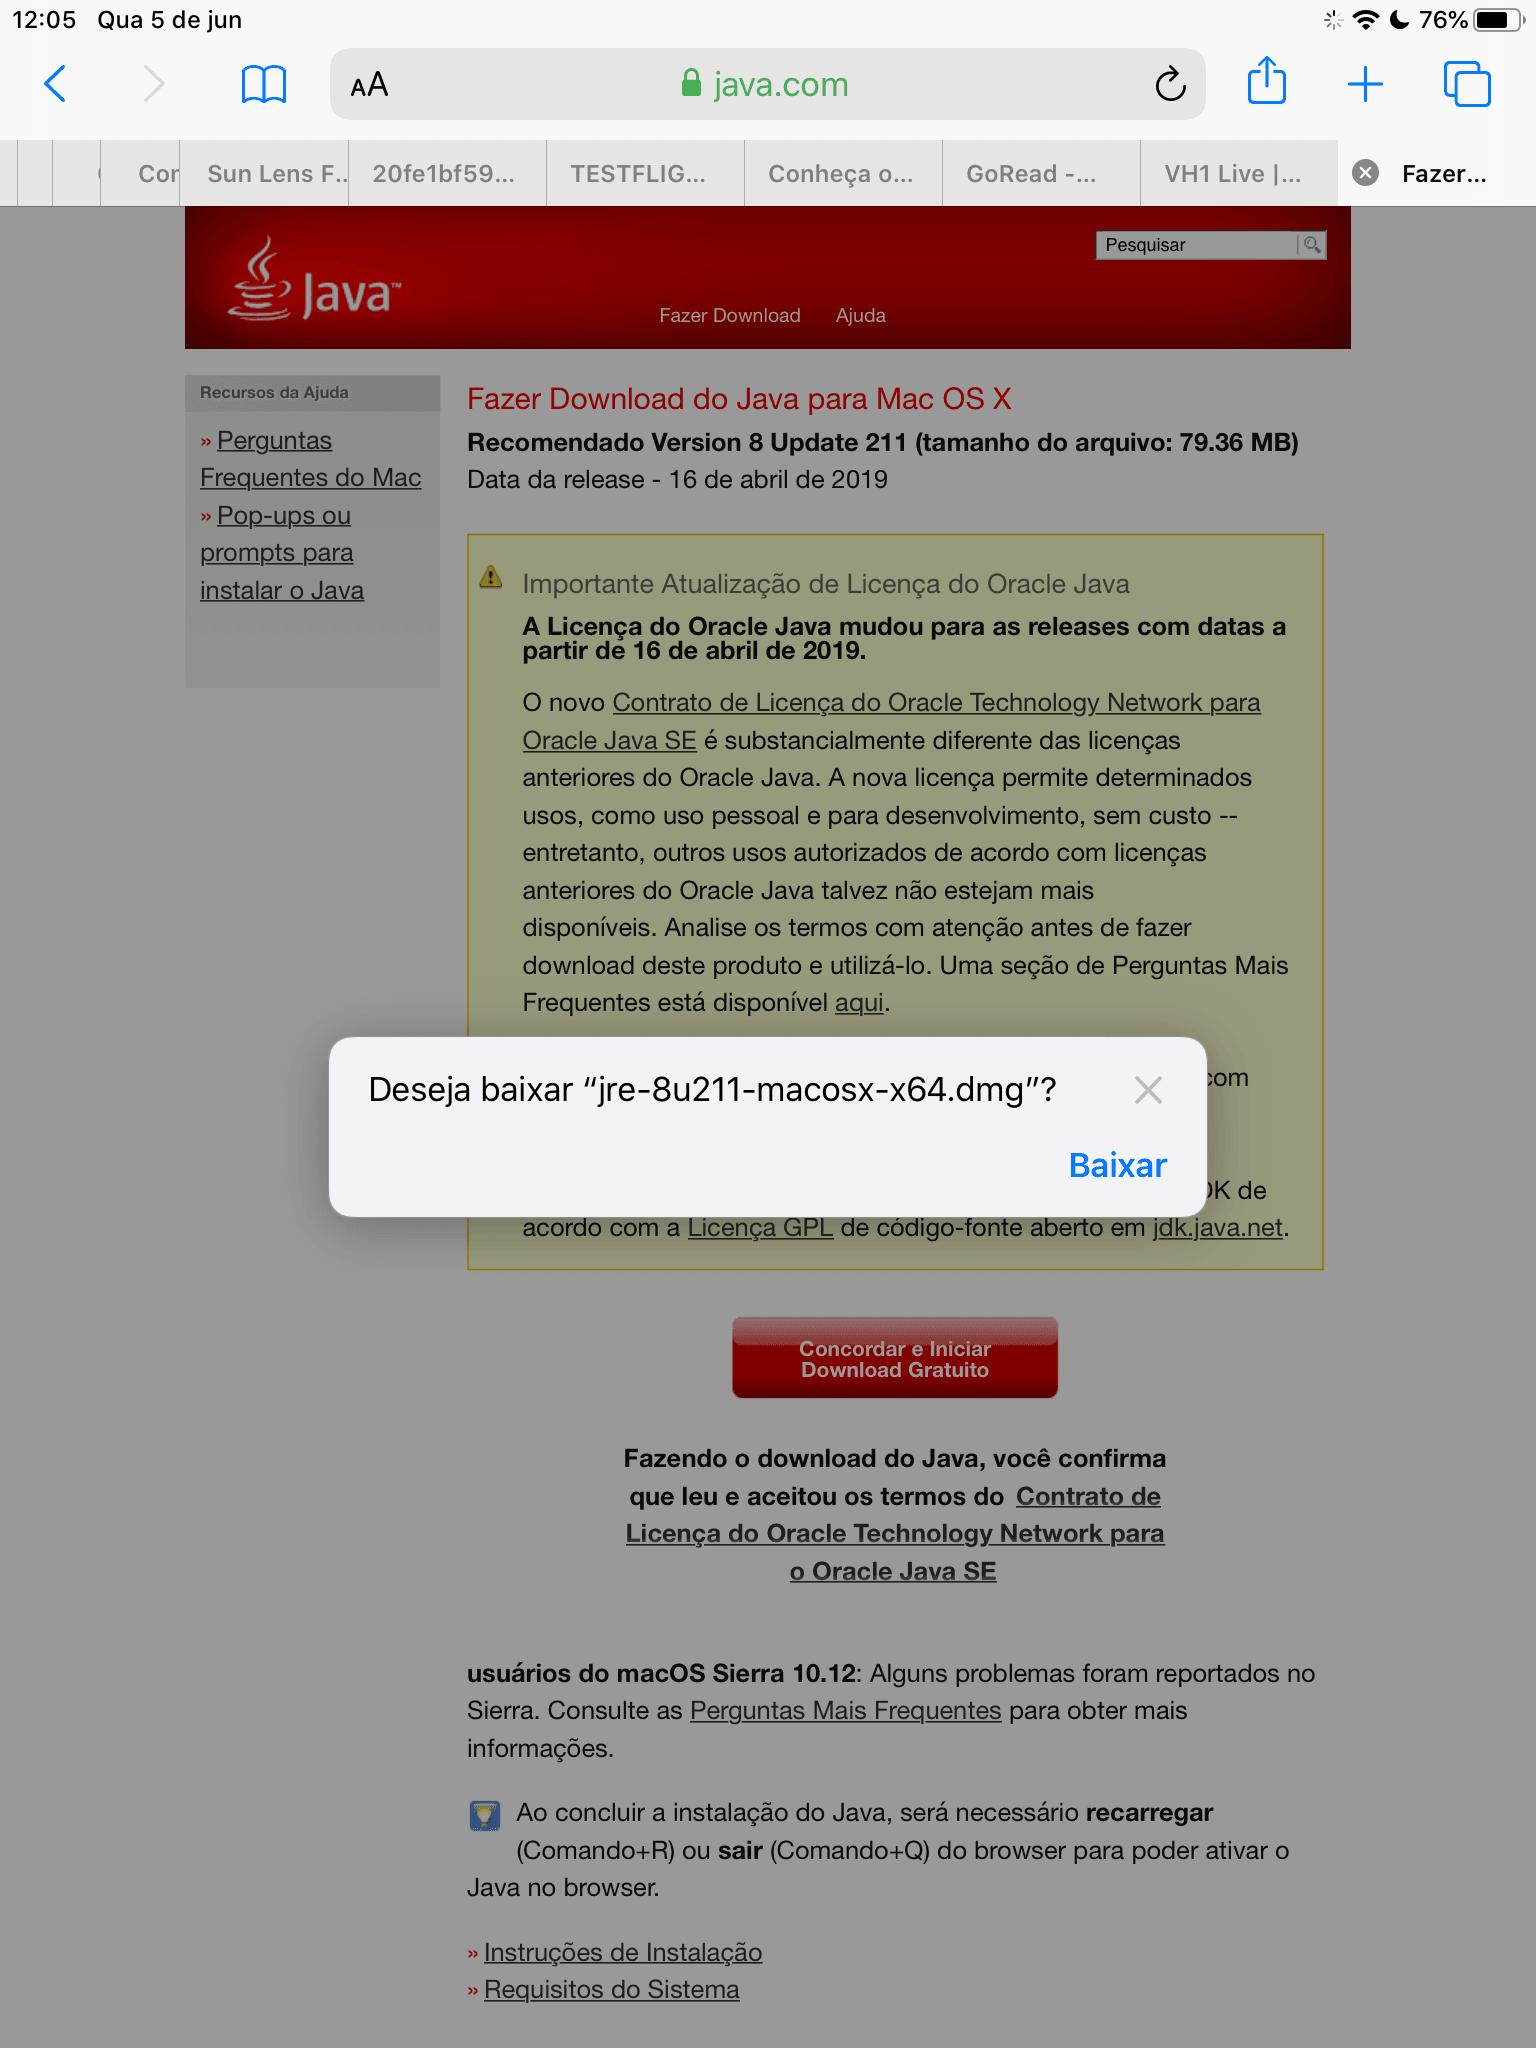 Gerenciador de downloads no Safari 13